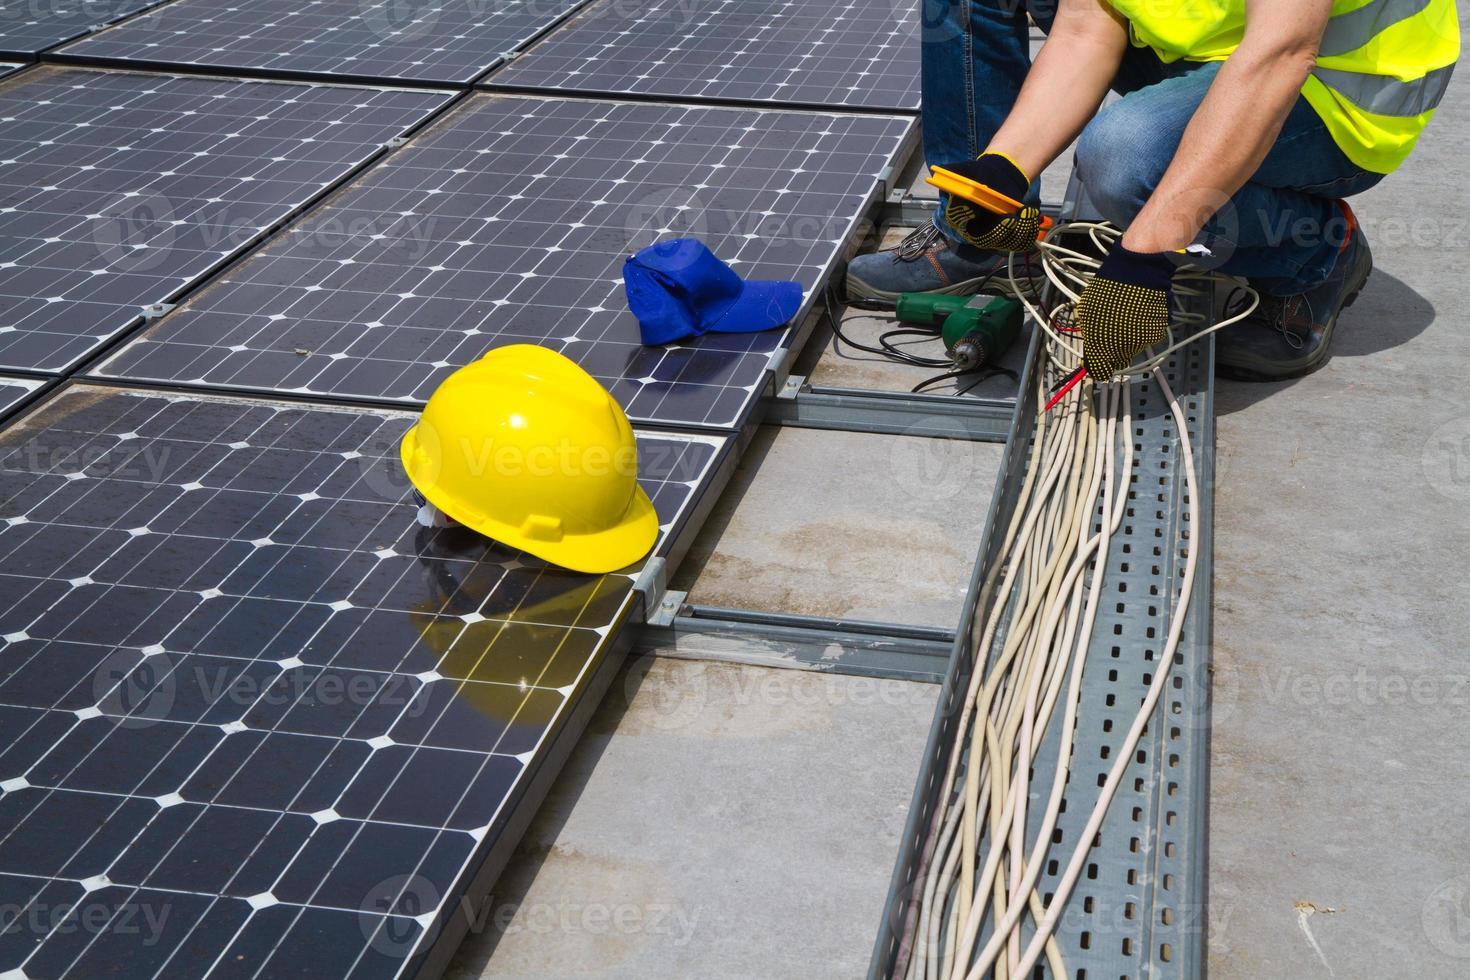 Photovoltaik-Facharbeiter foto